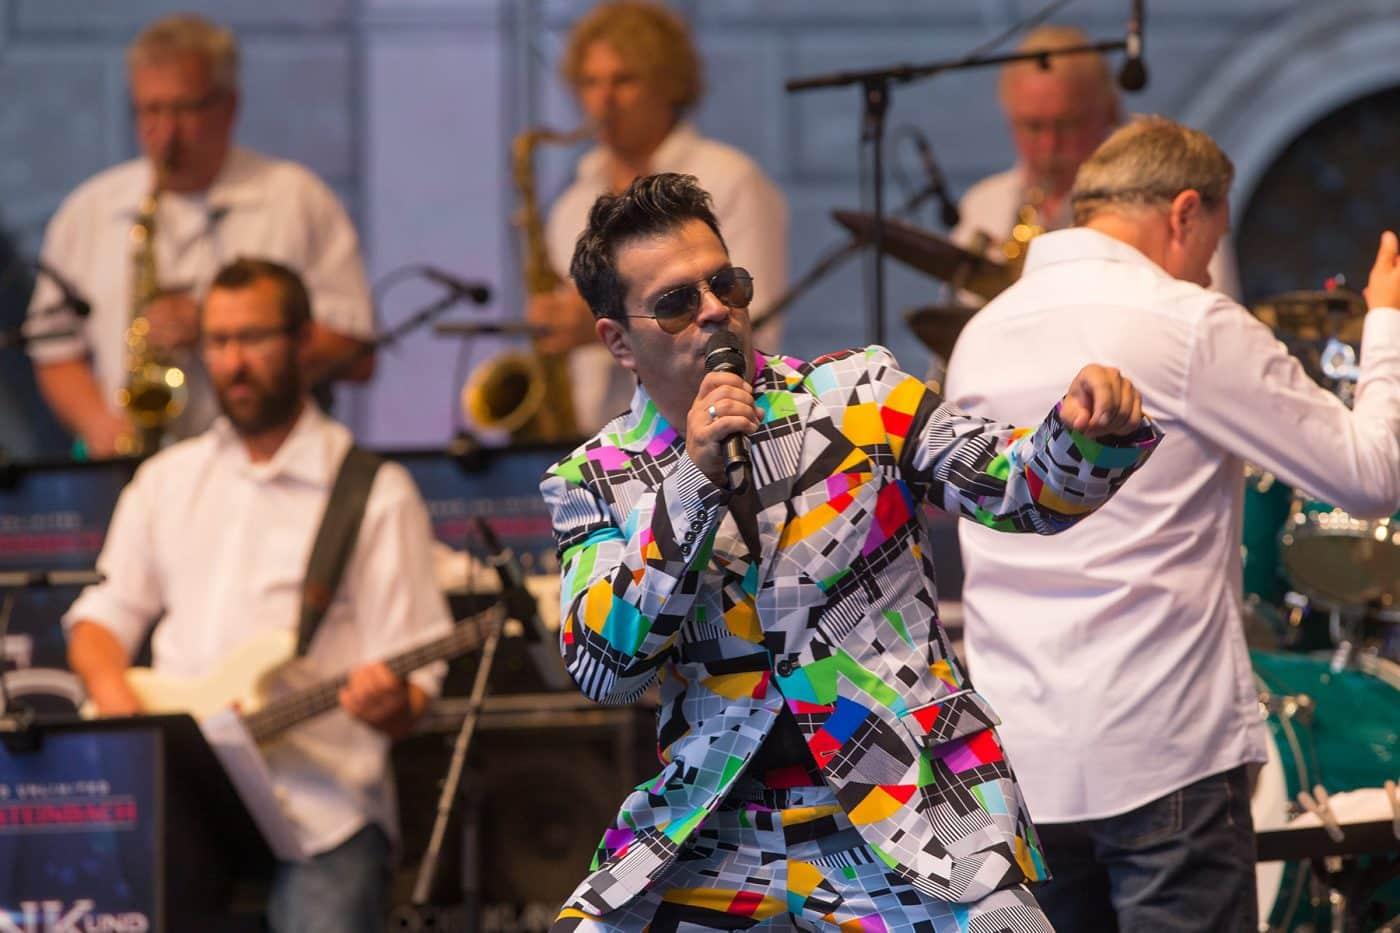 Die Liveband STEINBACH und Sandro Luzzu mit Partysongs der Neuen deutschen Welle.